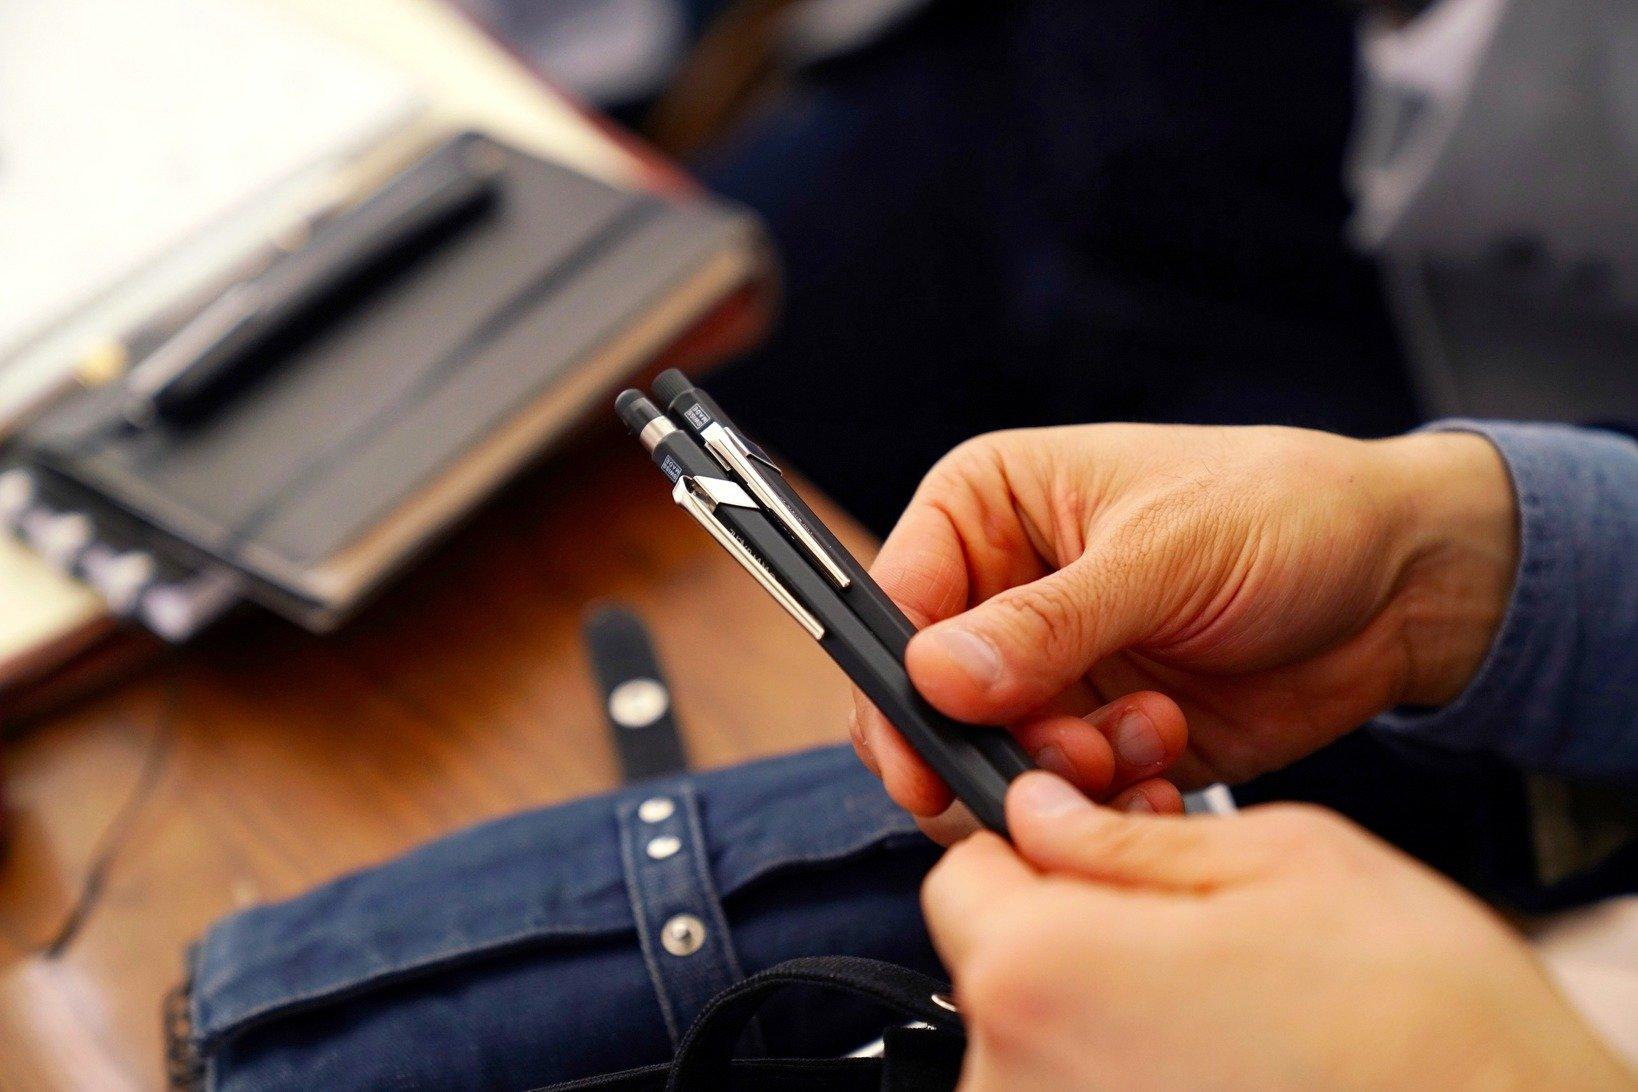 カランダッシュの849シリーズ。飯野さんはペンシルとボールペンをセットで使用。